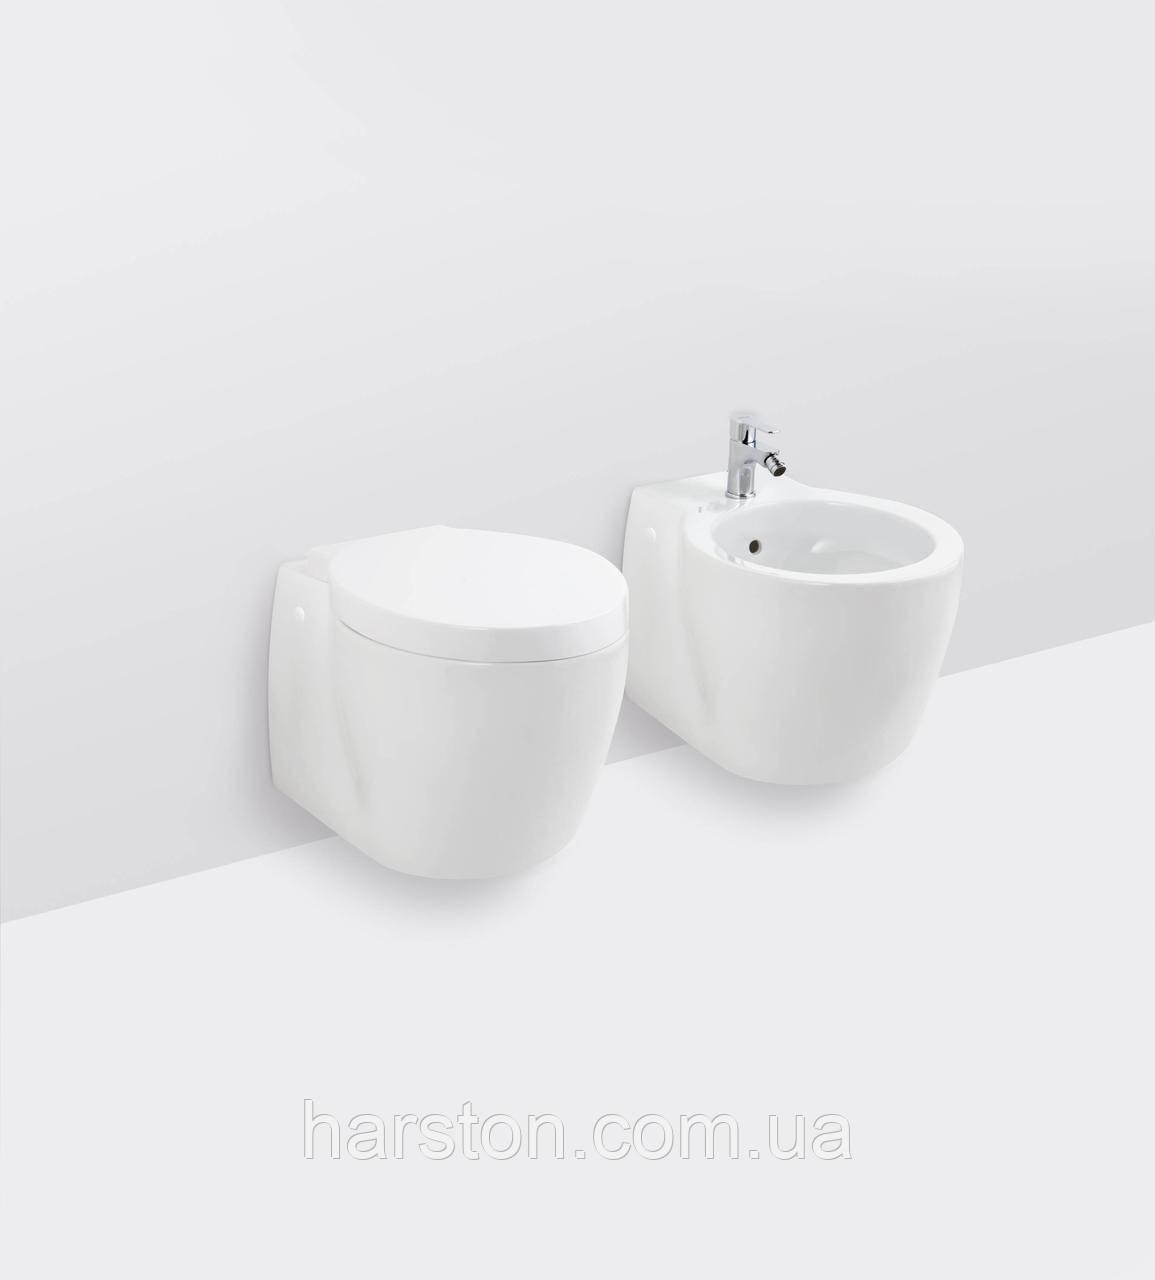 Туалет для яхты Tecma Evolution